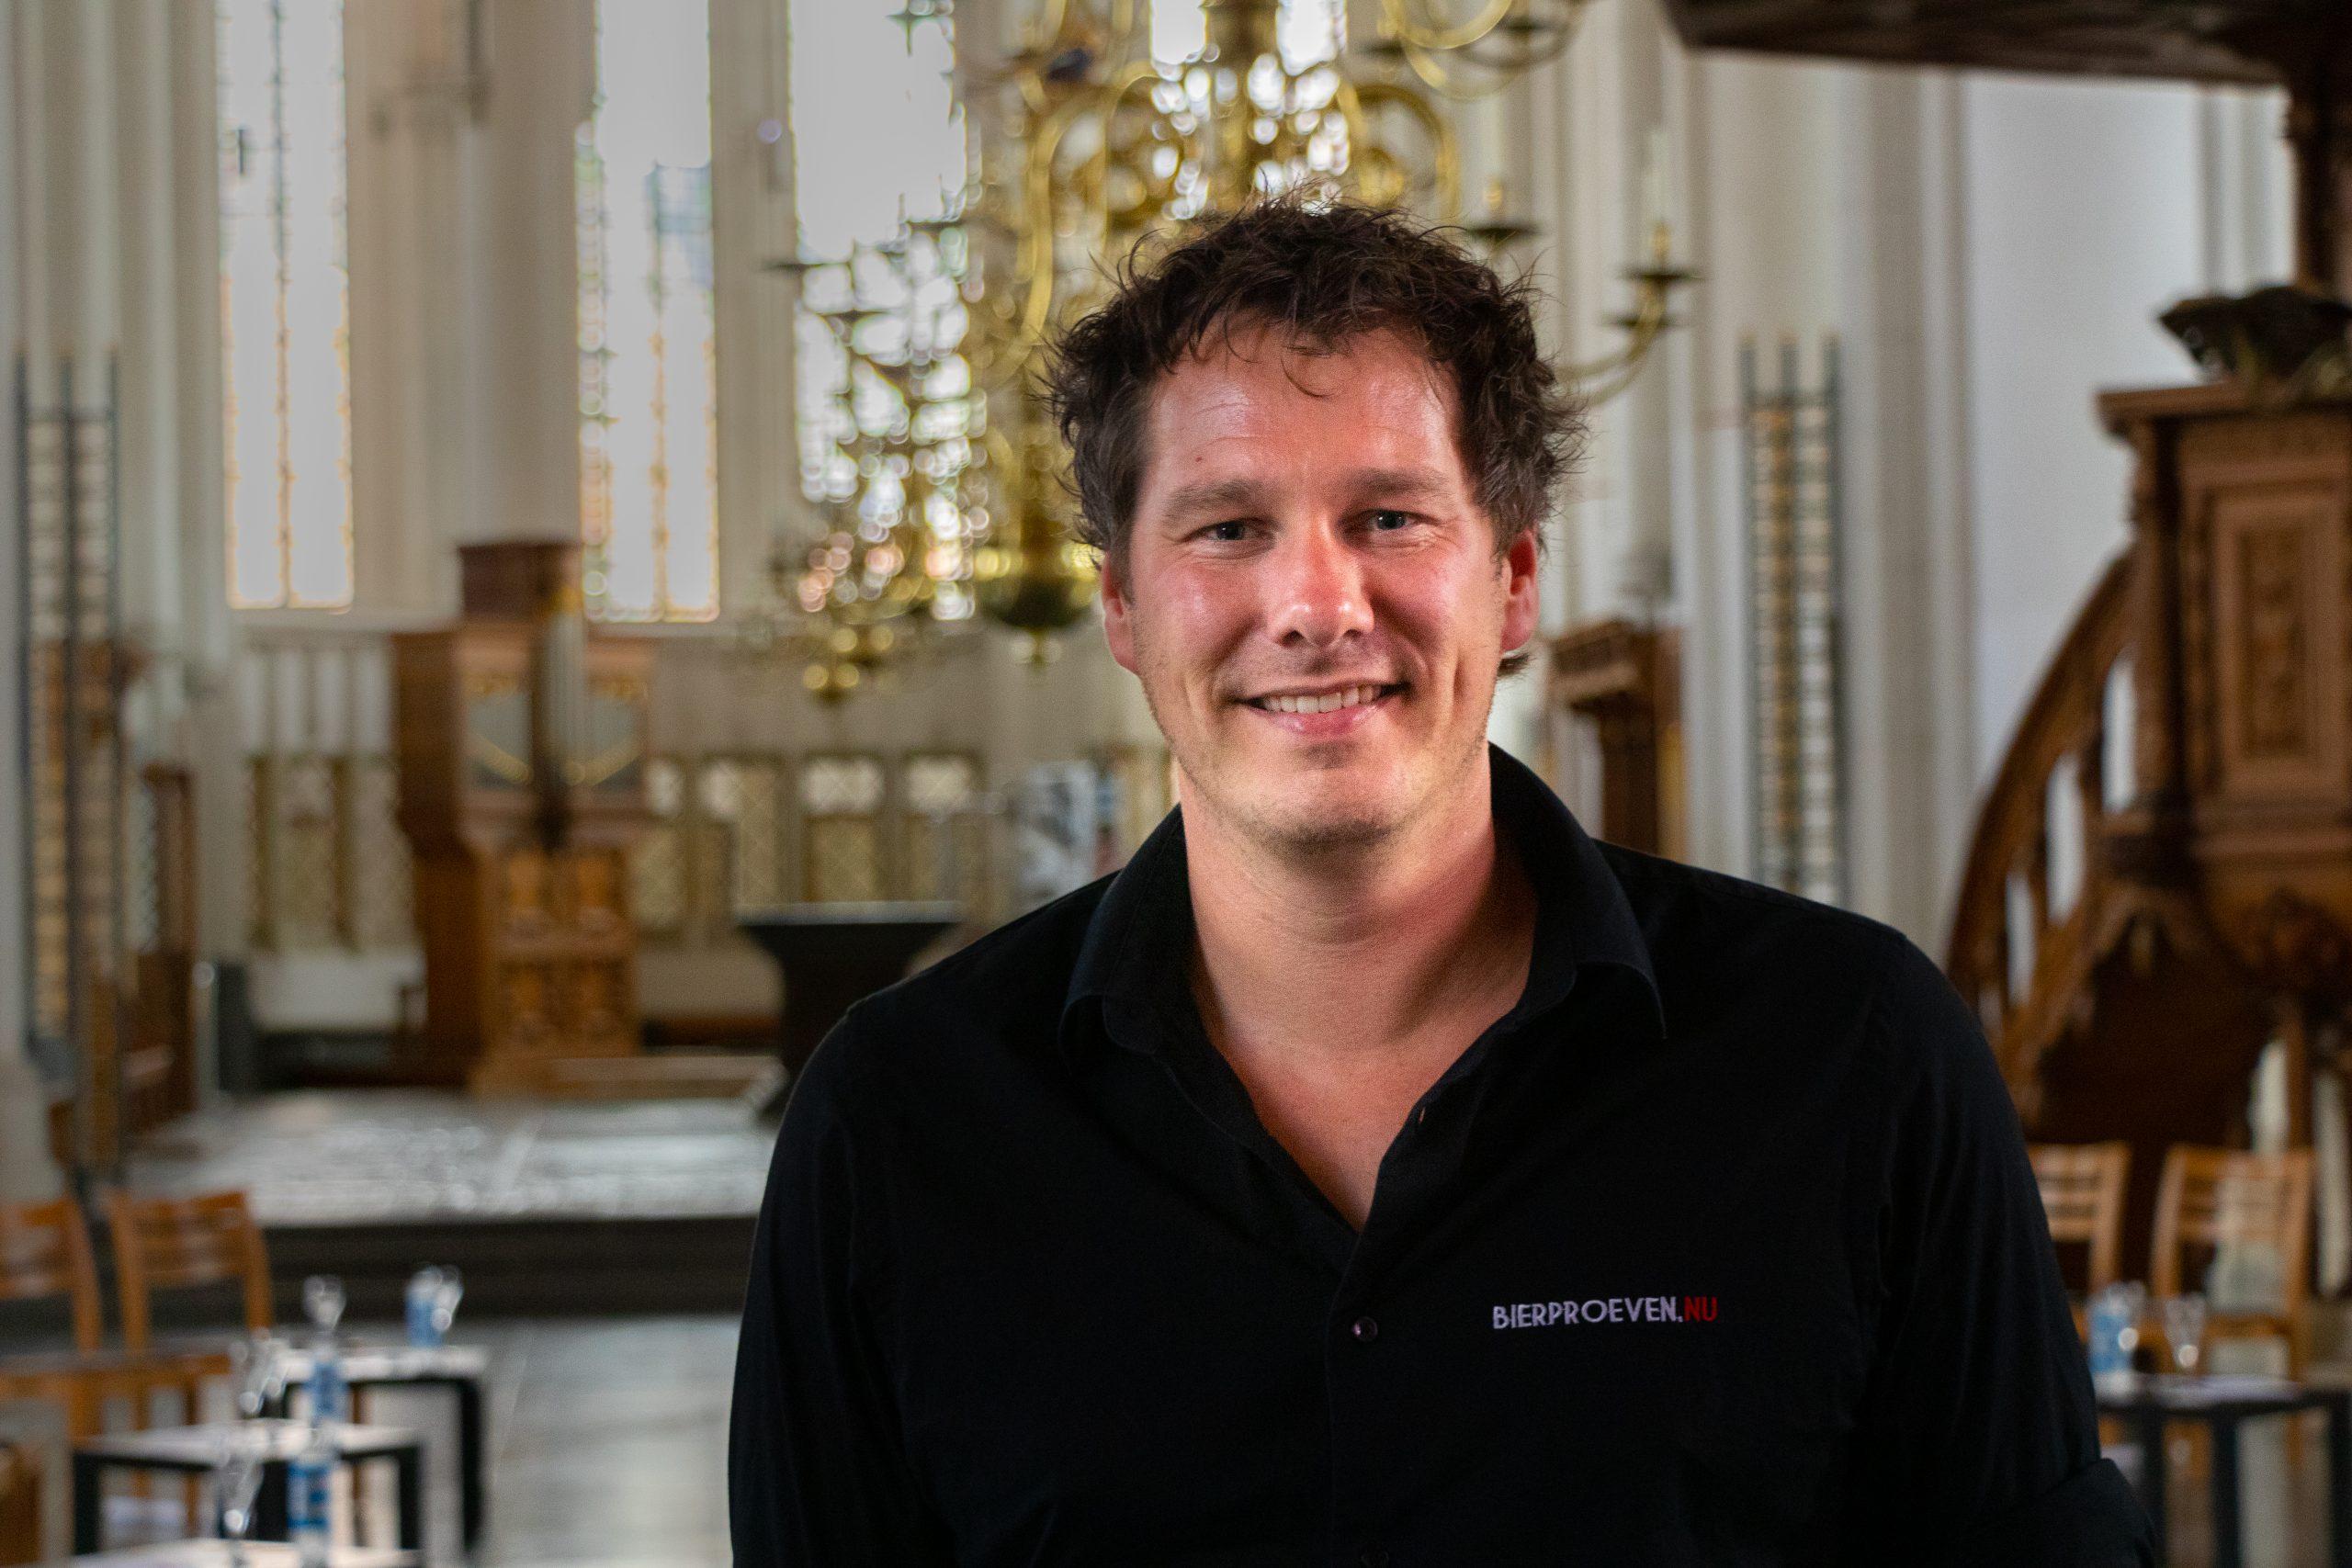 Aan het woord: Ivo Thijssen van Bierproeven.nu